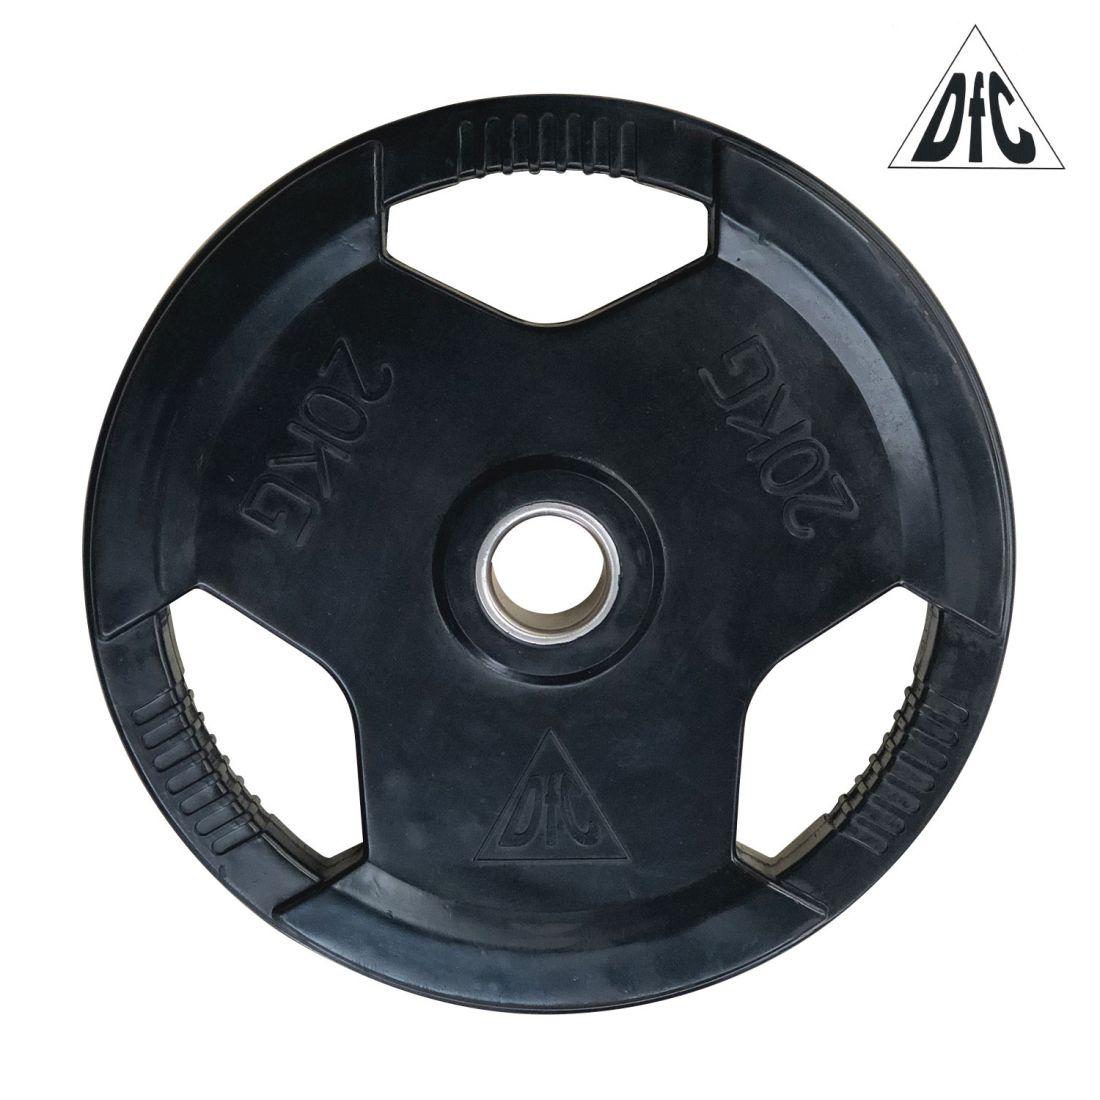 Диск обрезиненный DFC, чёрный, 51 мм, 20 кг